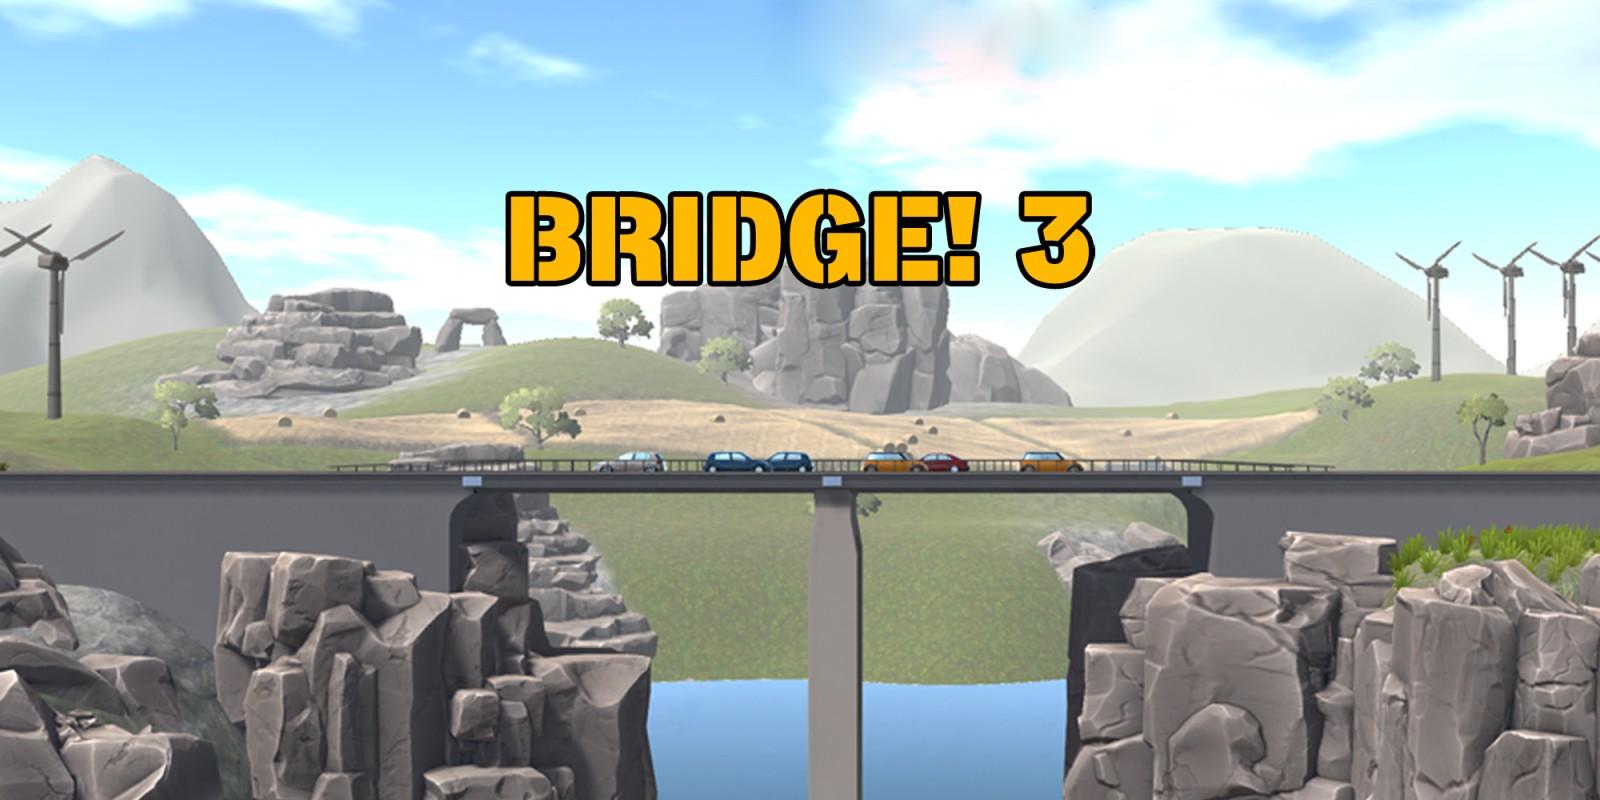 Bridge! 3